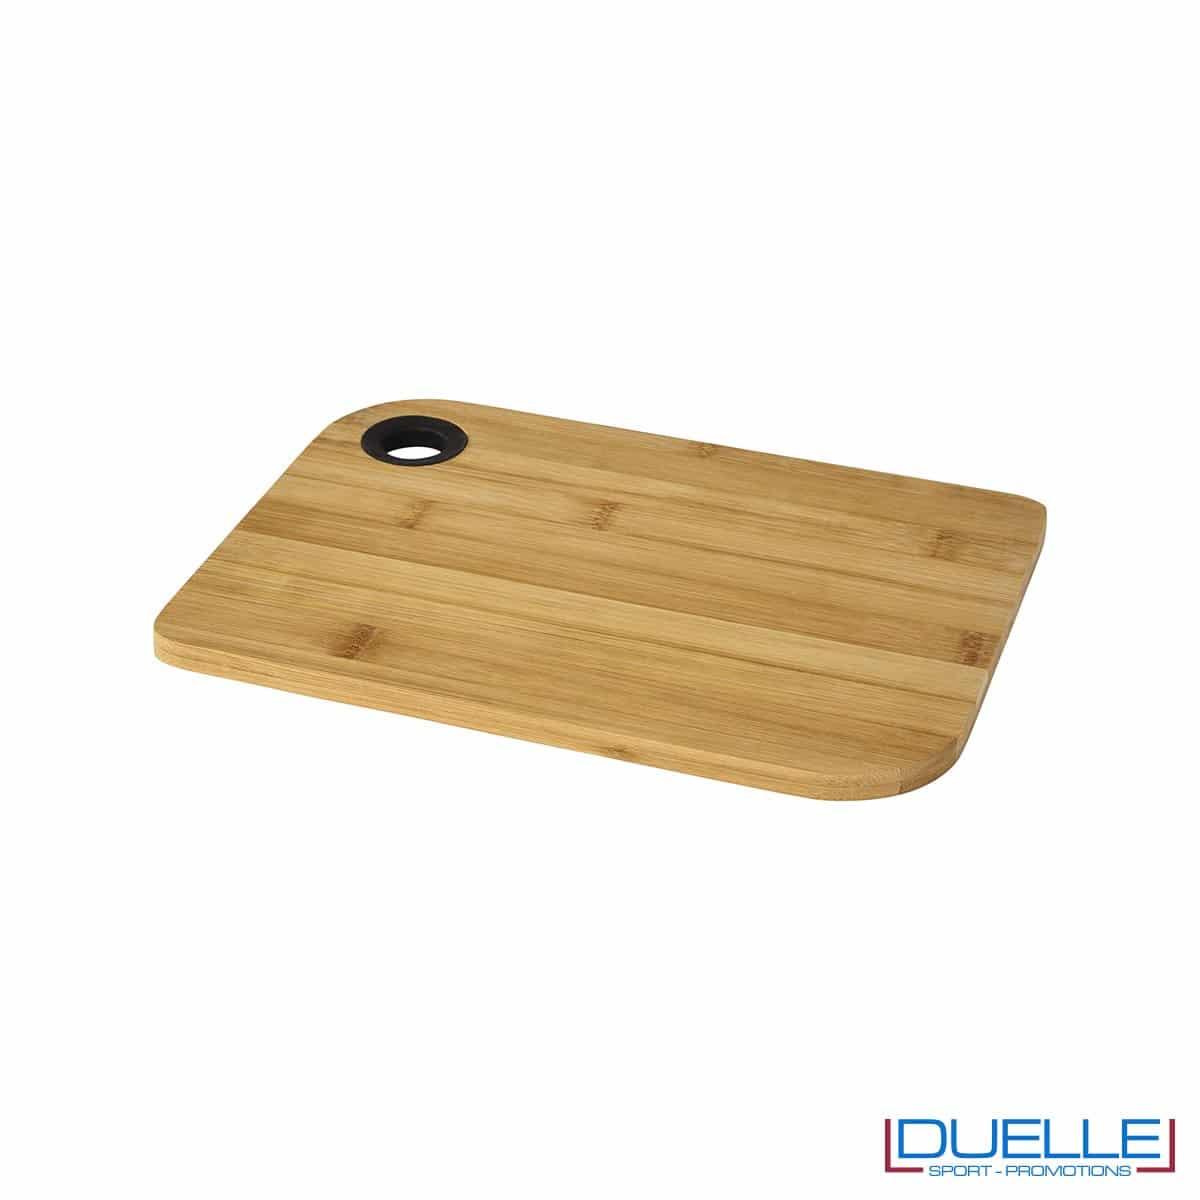 tagliere in legno di bamboo